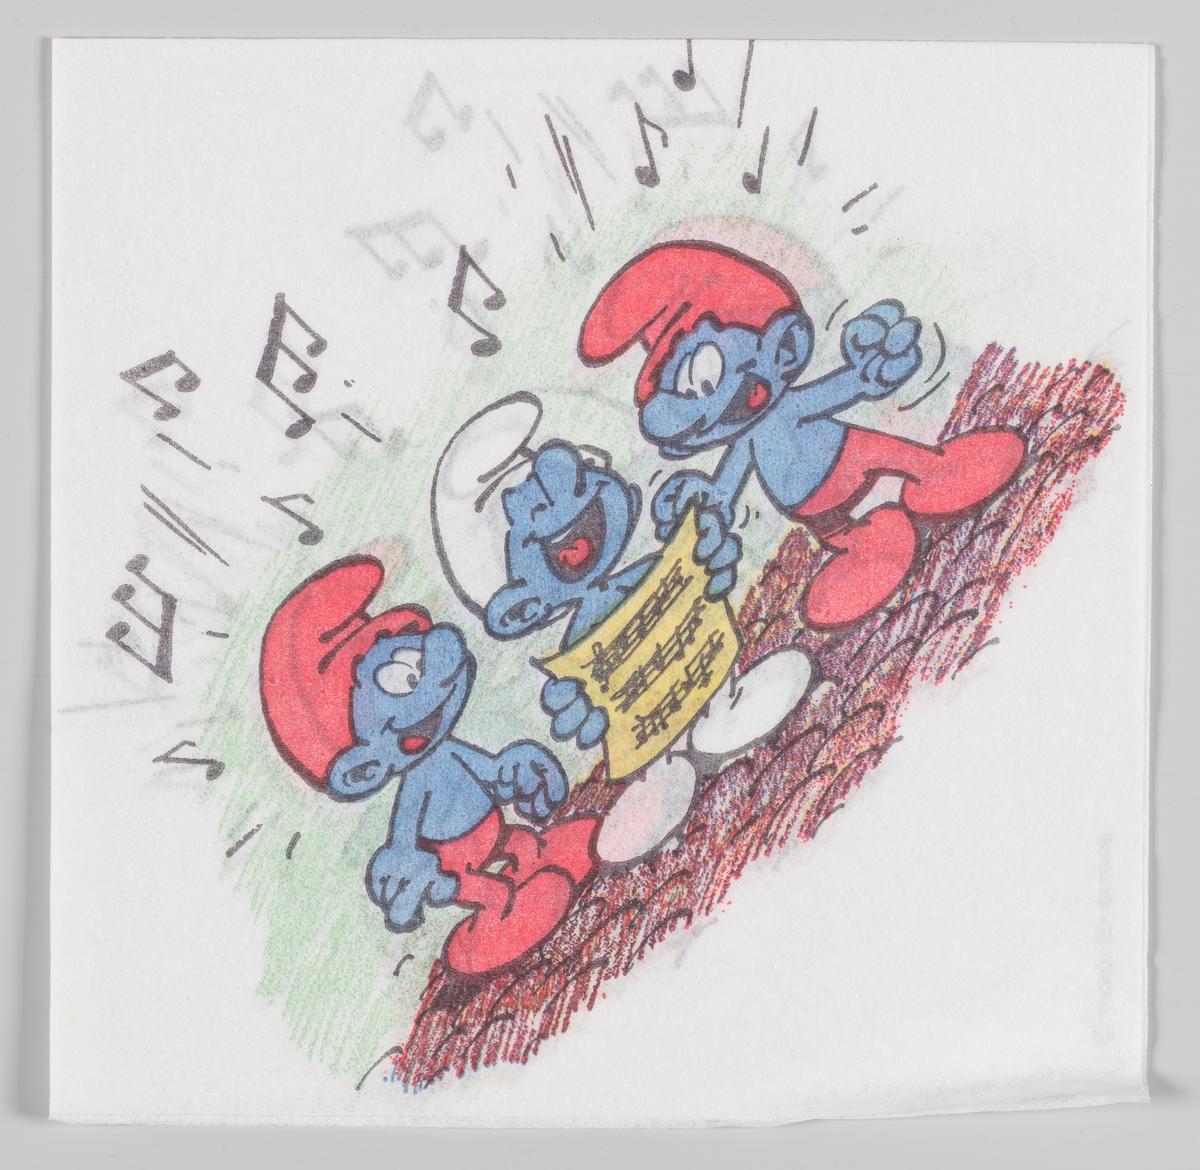 Tre smurfer står og synger fra et noteark.  Smurfene er en tegneserie for barn, skapt i 1958 av den belgiske tegneren og manusforfatteren Pierre Culliford, kjent under signaturen Peyo. Smurfene er blitt utgitt i Norge fra 1974.